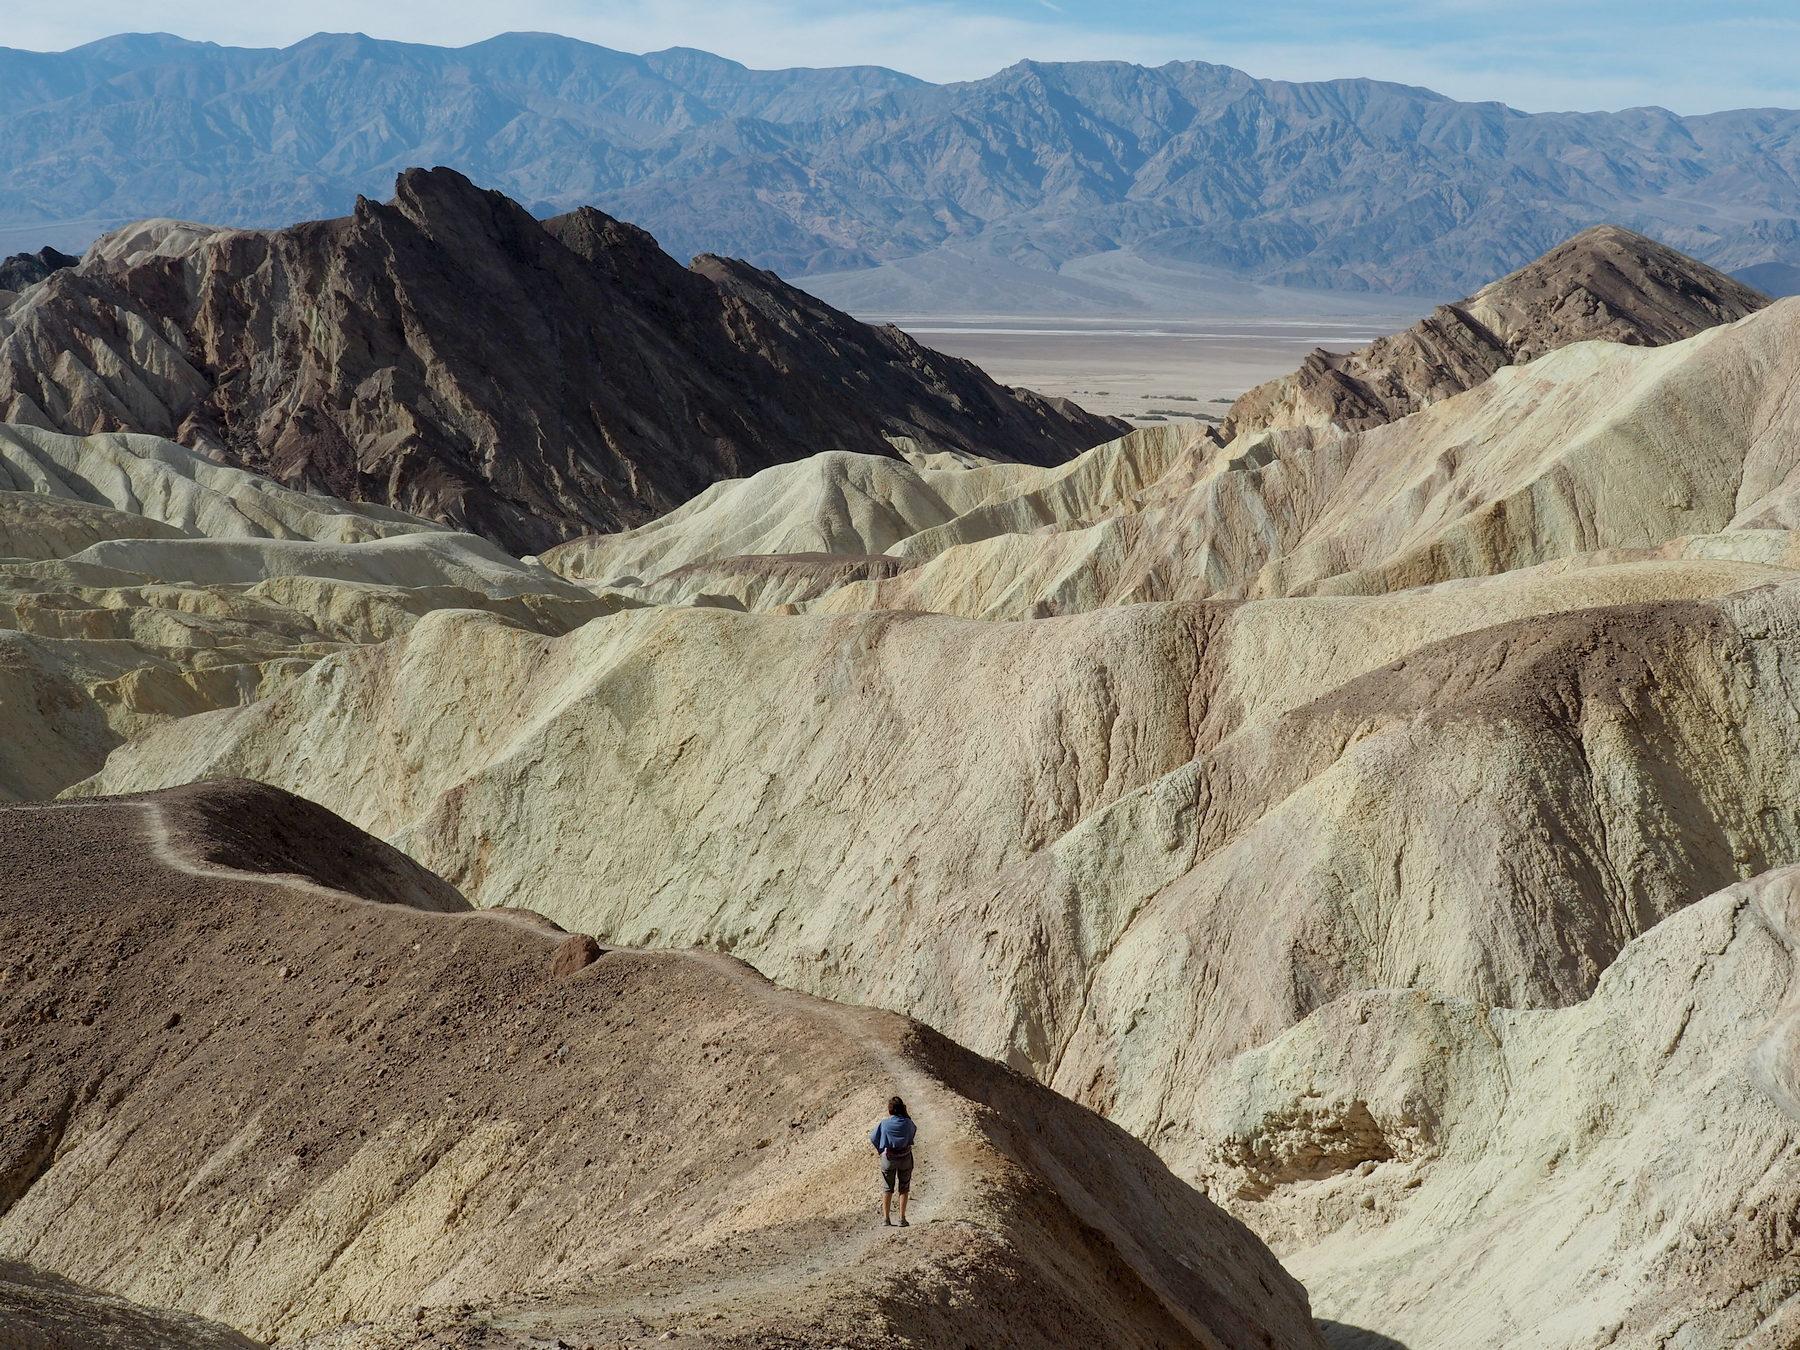 Wanderung im Golden Canyon